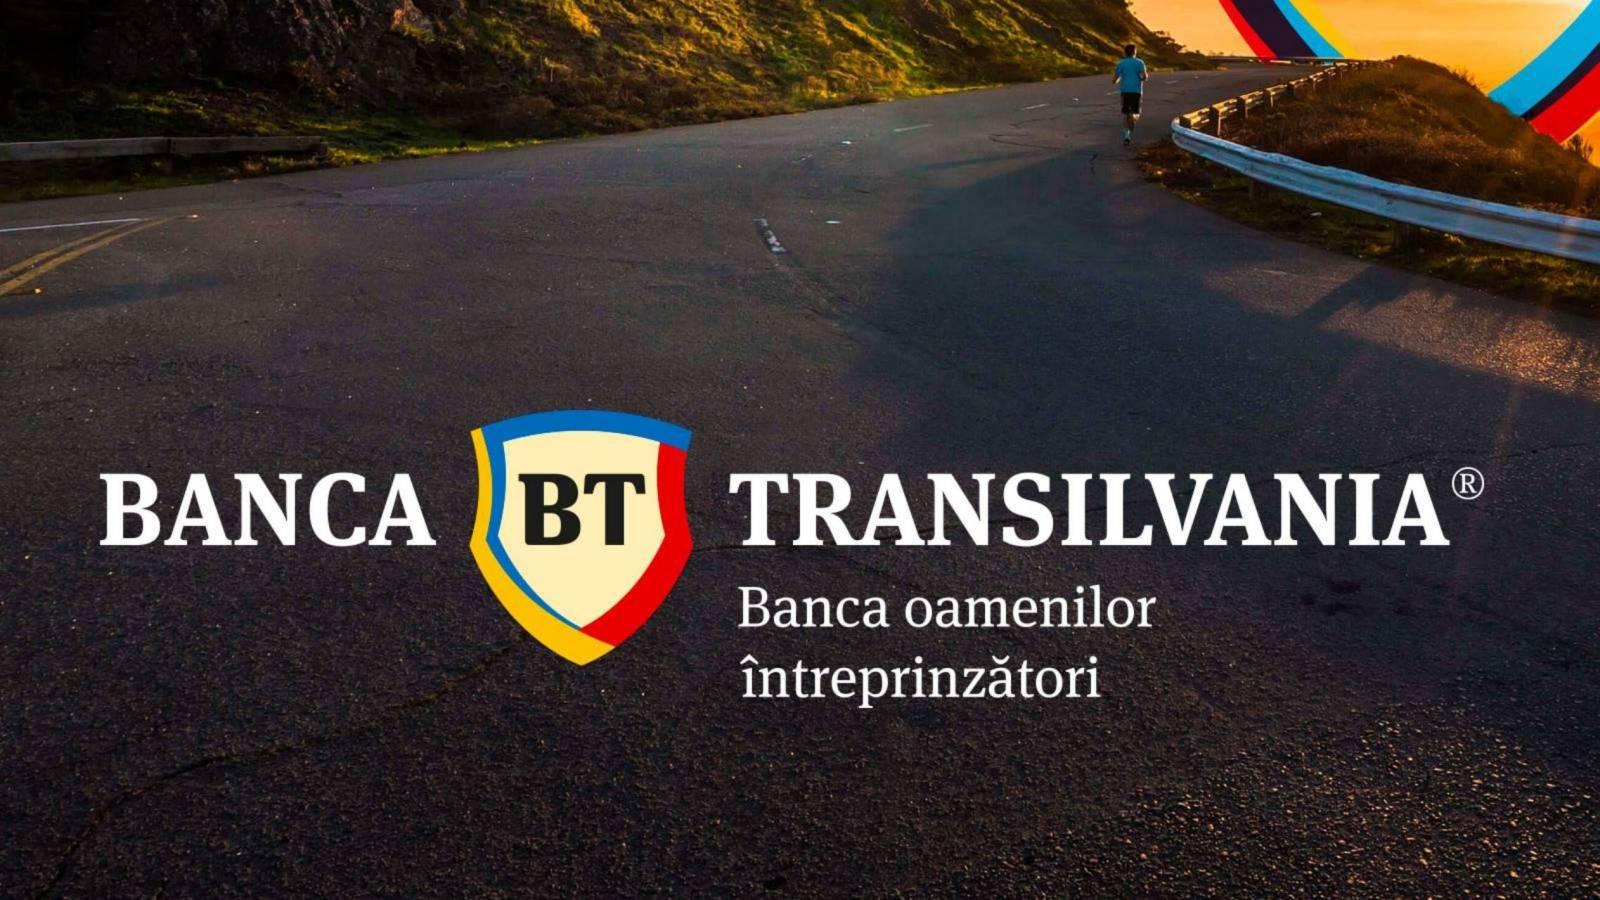 BANCA Transilvania exercitii